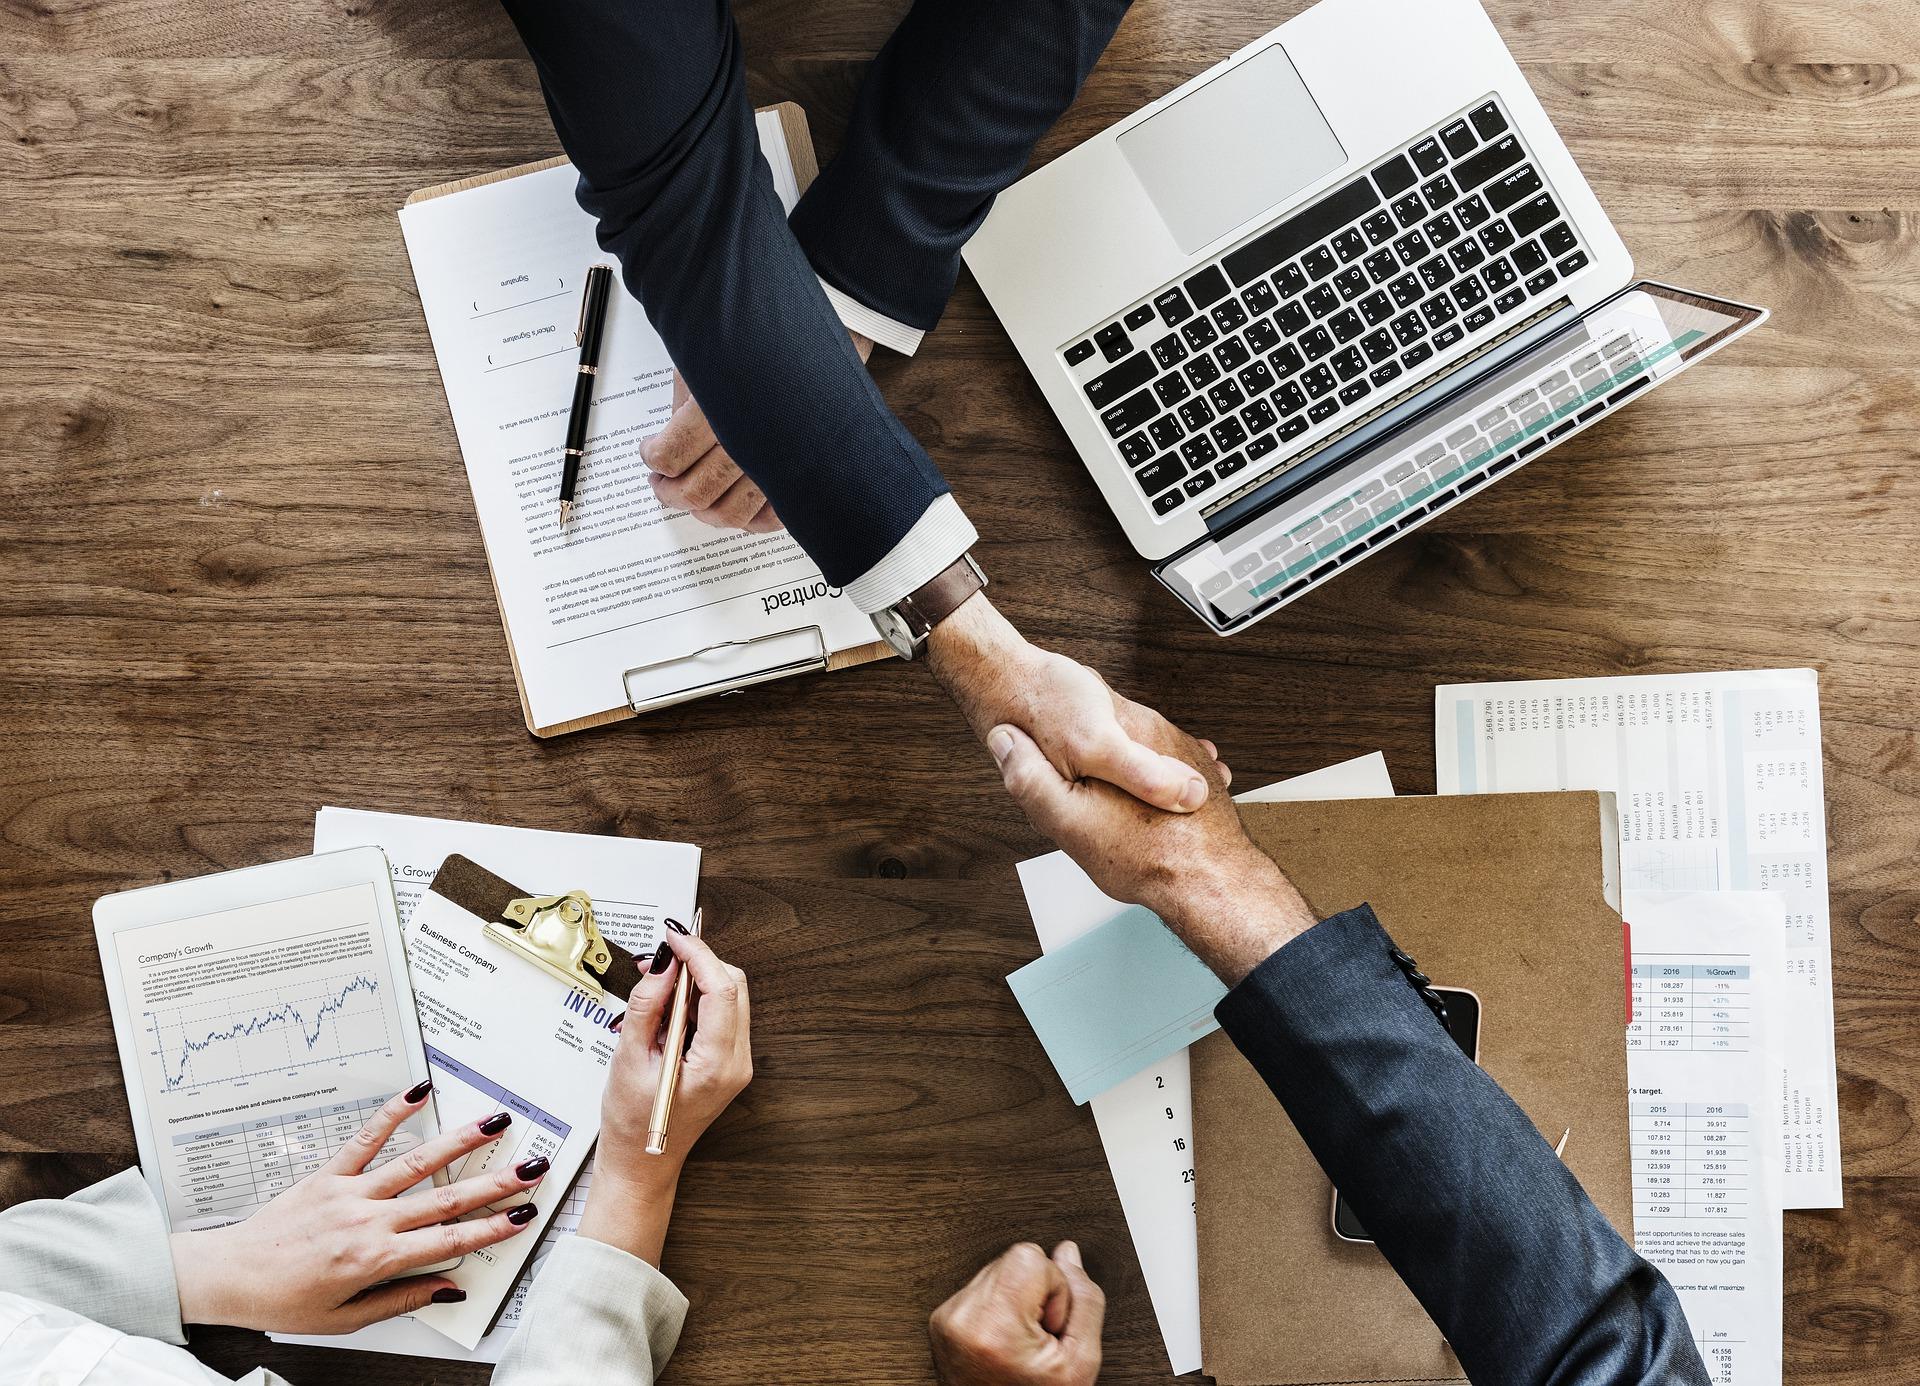 Kluczowe aspekty konkurencyjności według polskich MŚP